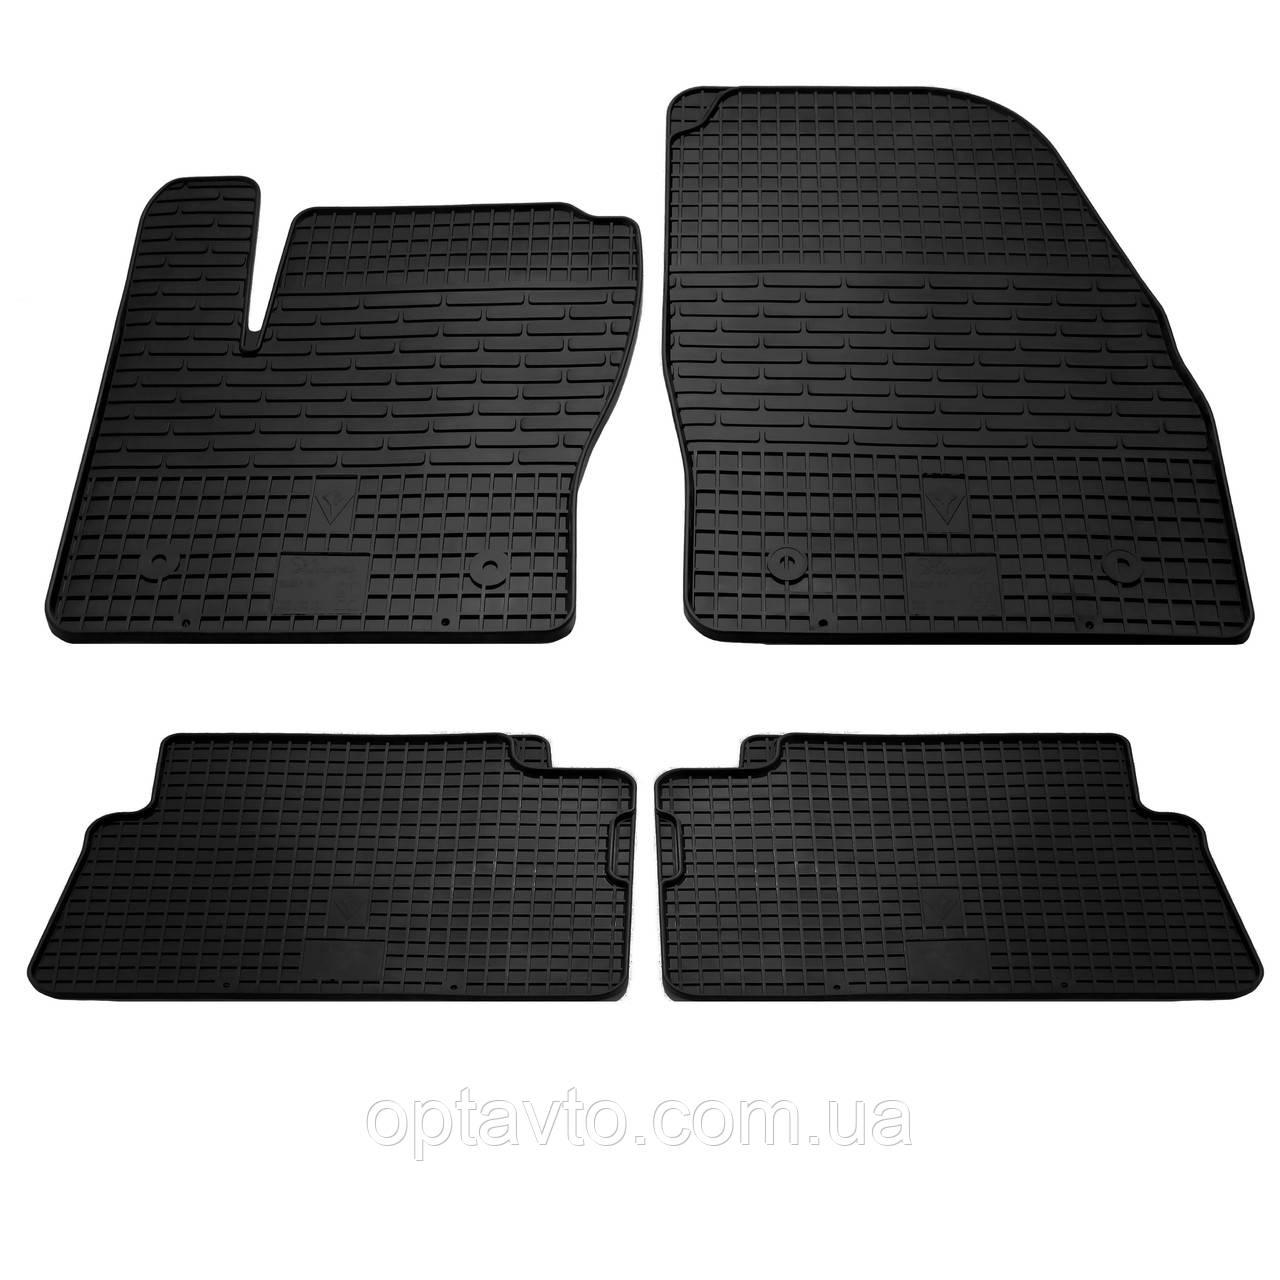 FORD Kuga - комплект качественных резиновых ковриков. Комплект 4 шт.   (2009-2012)